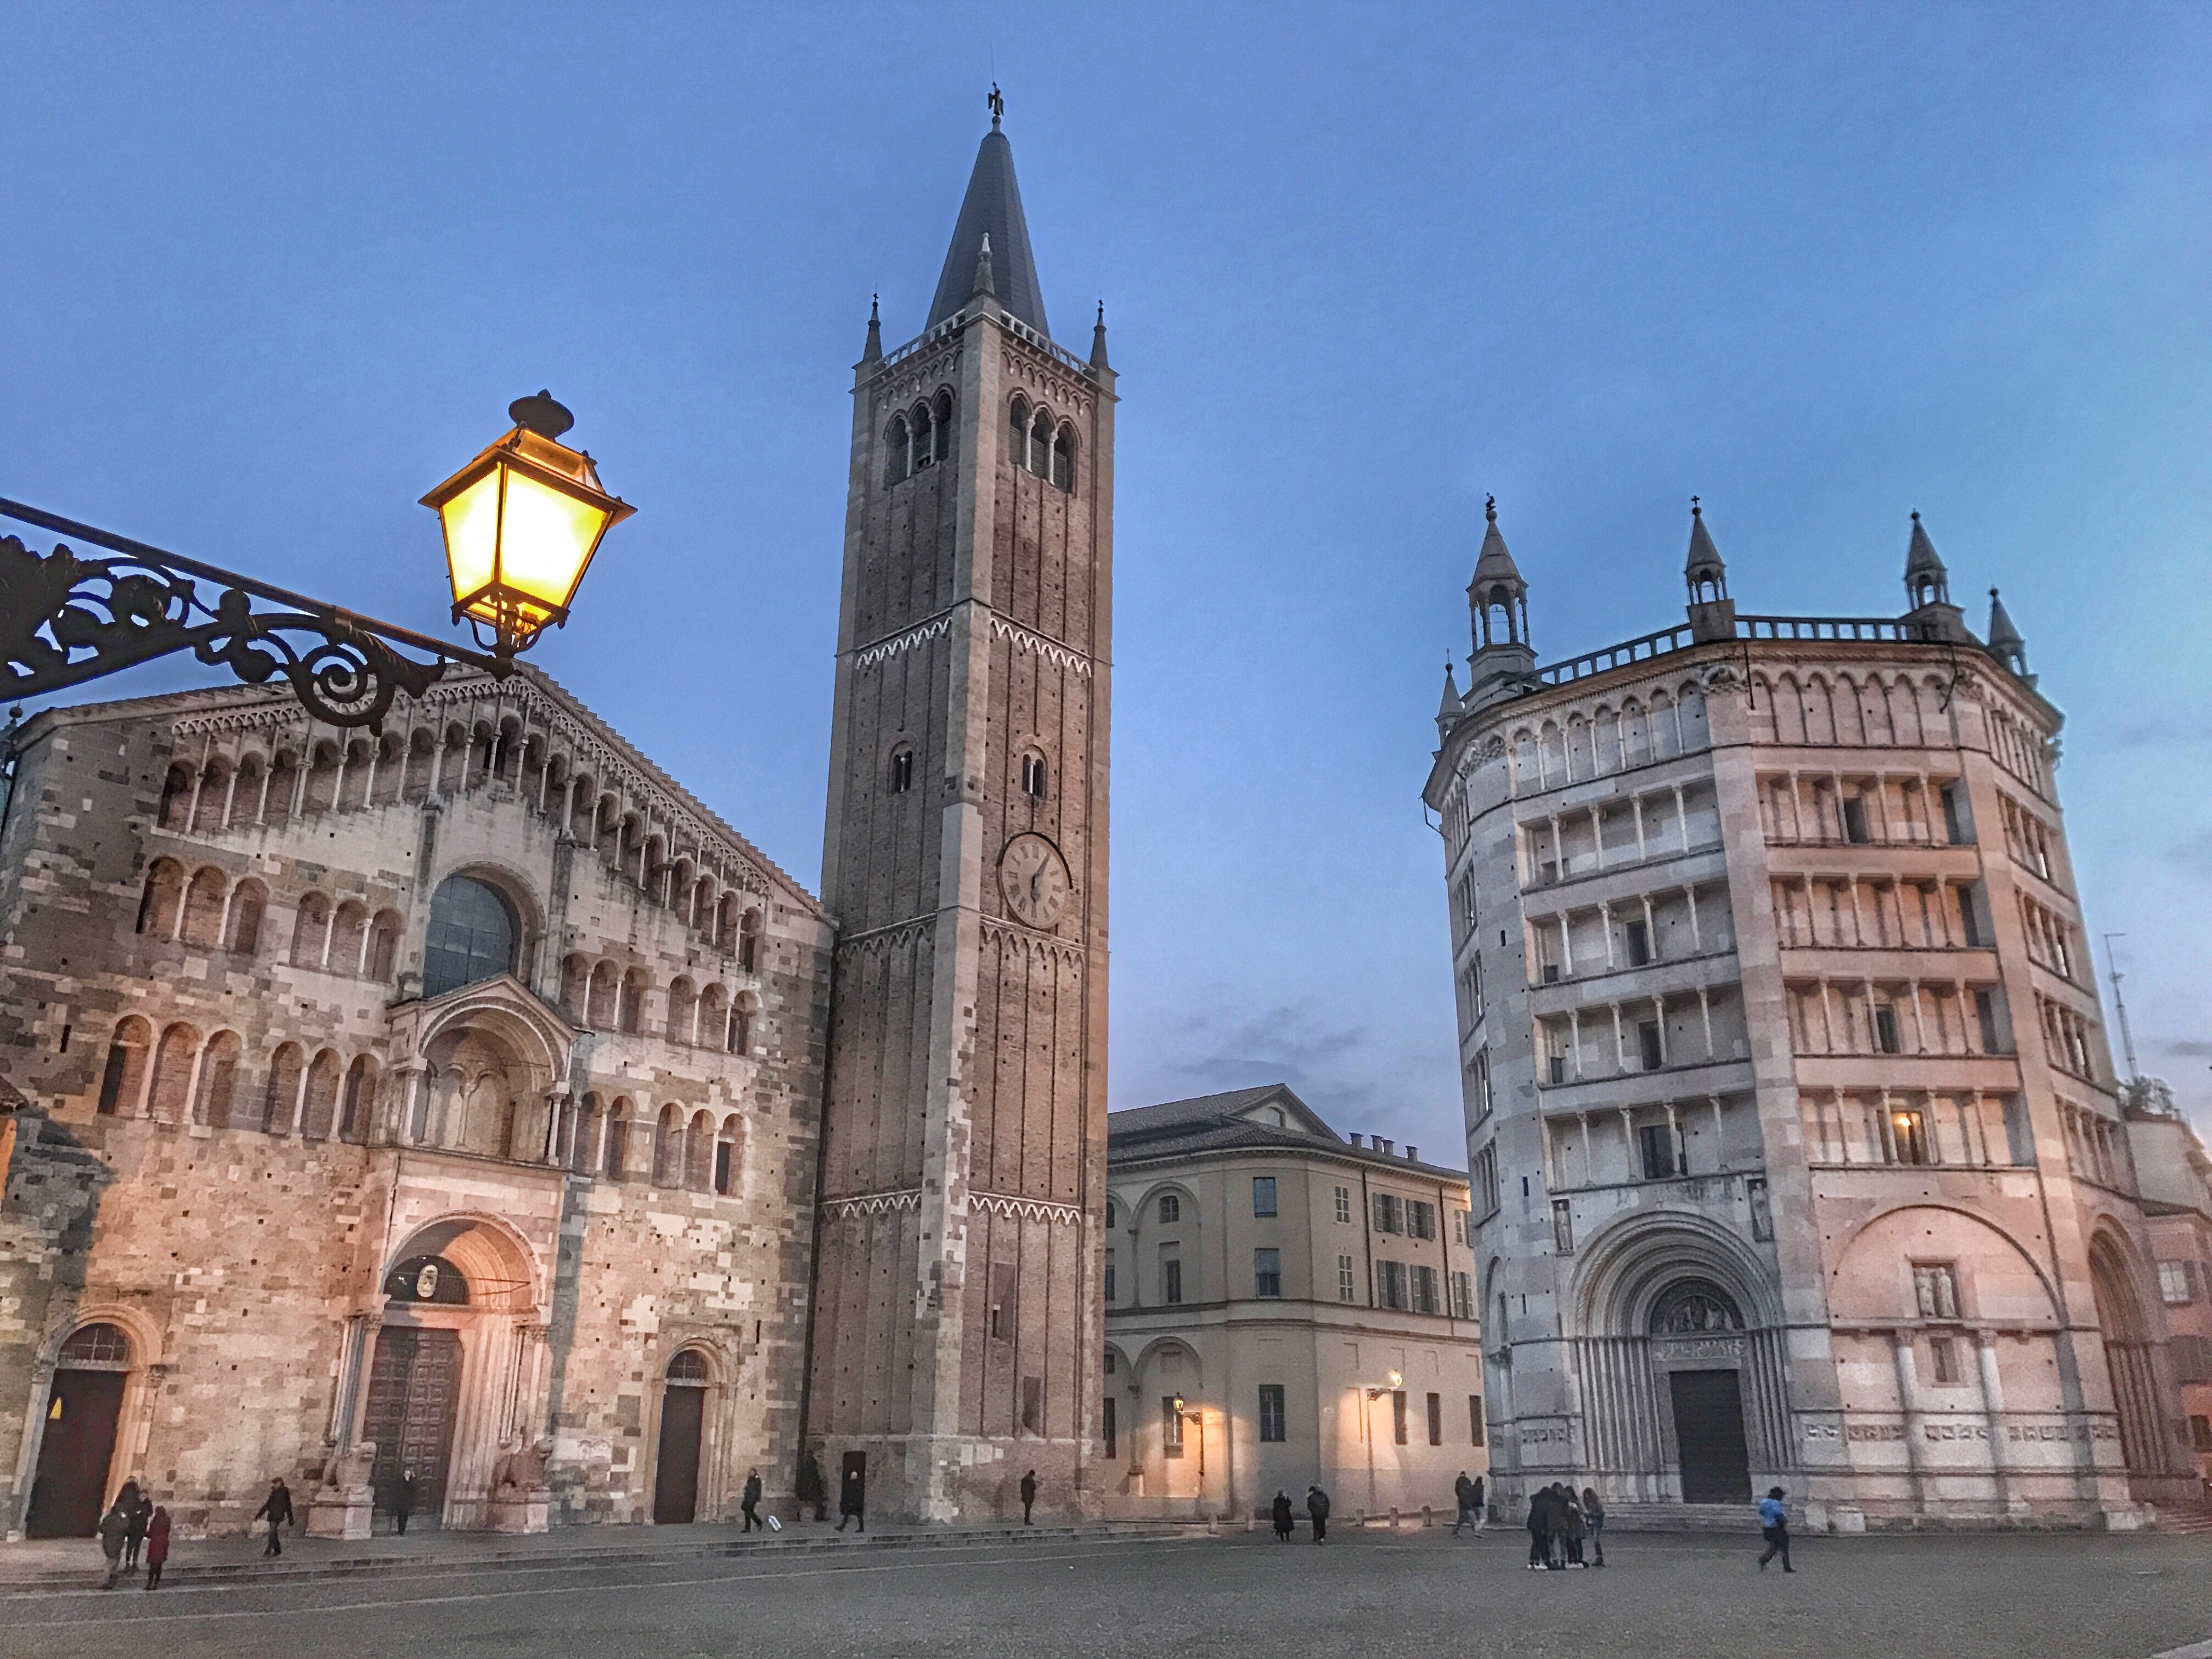 Cosa vedere a Parma: Piazza Duomo, Parma ©Foto Francesca Cavalca